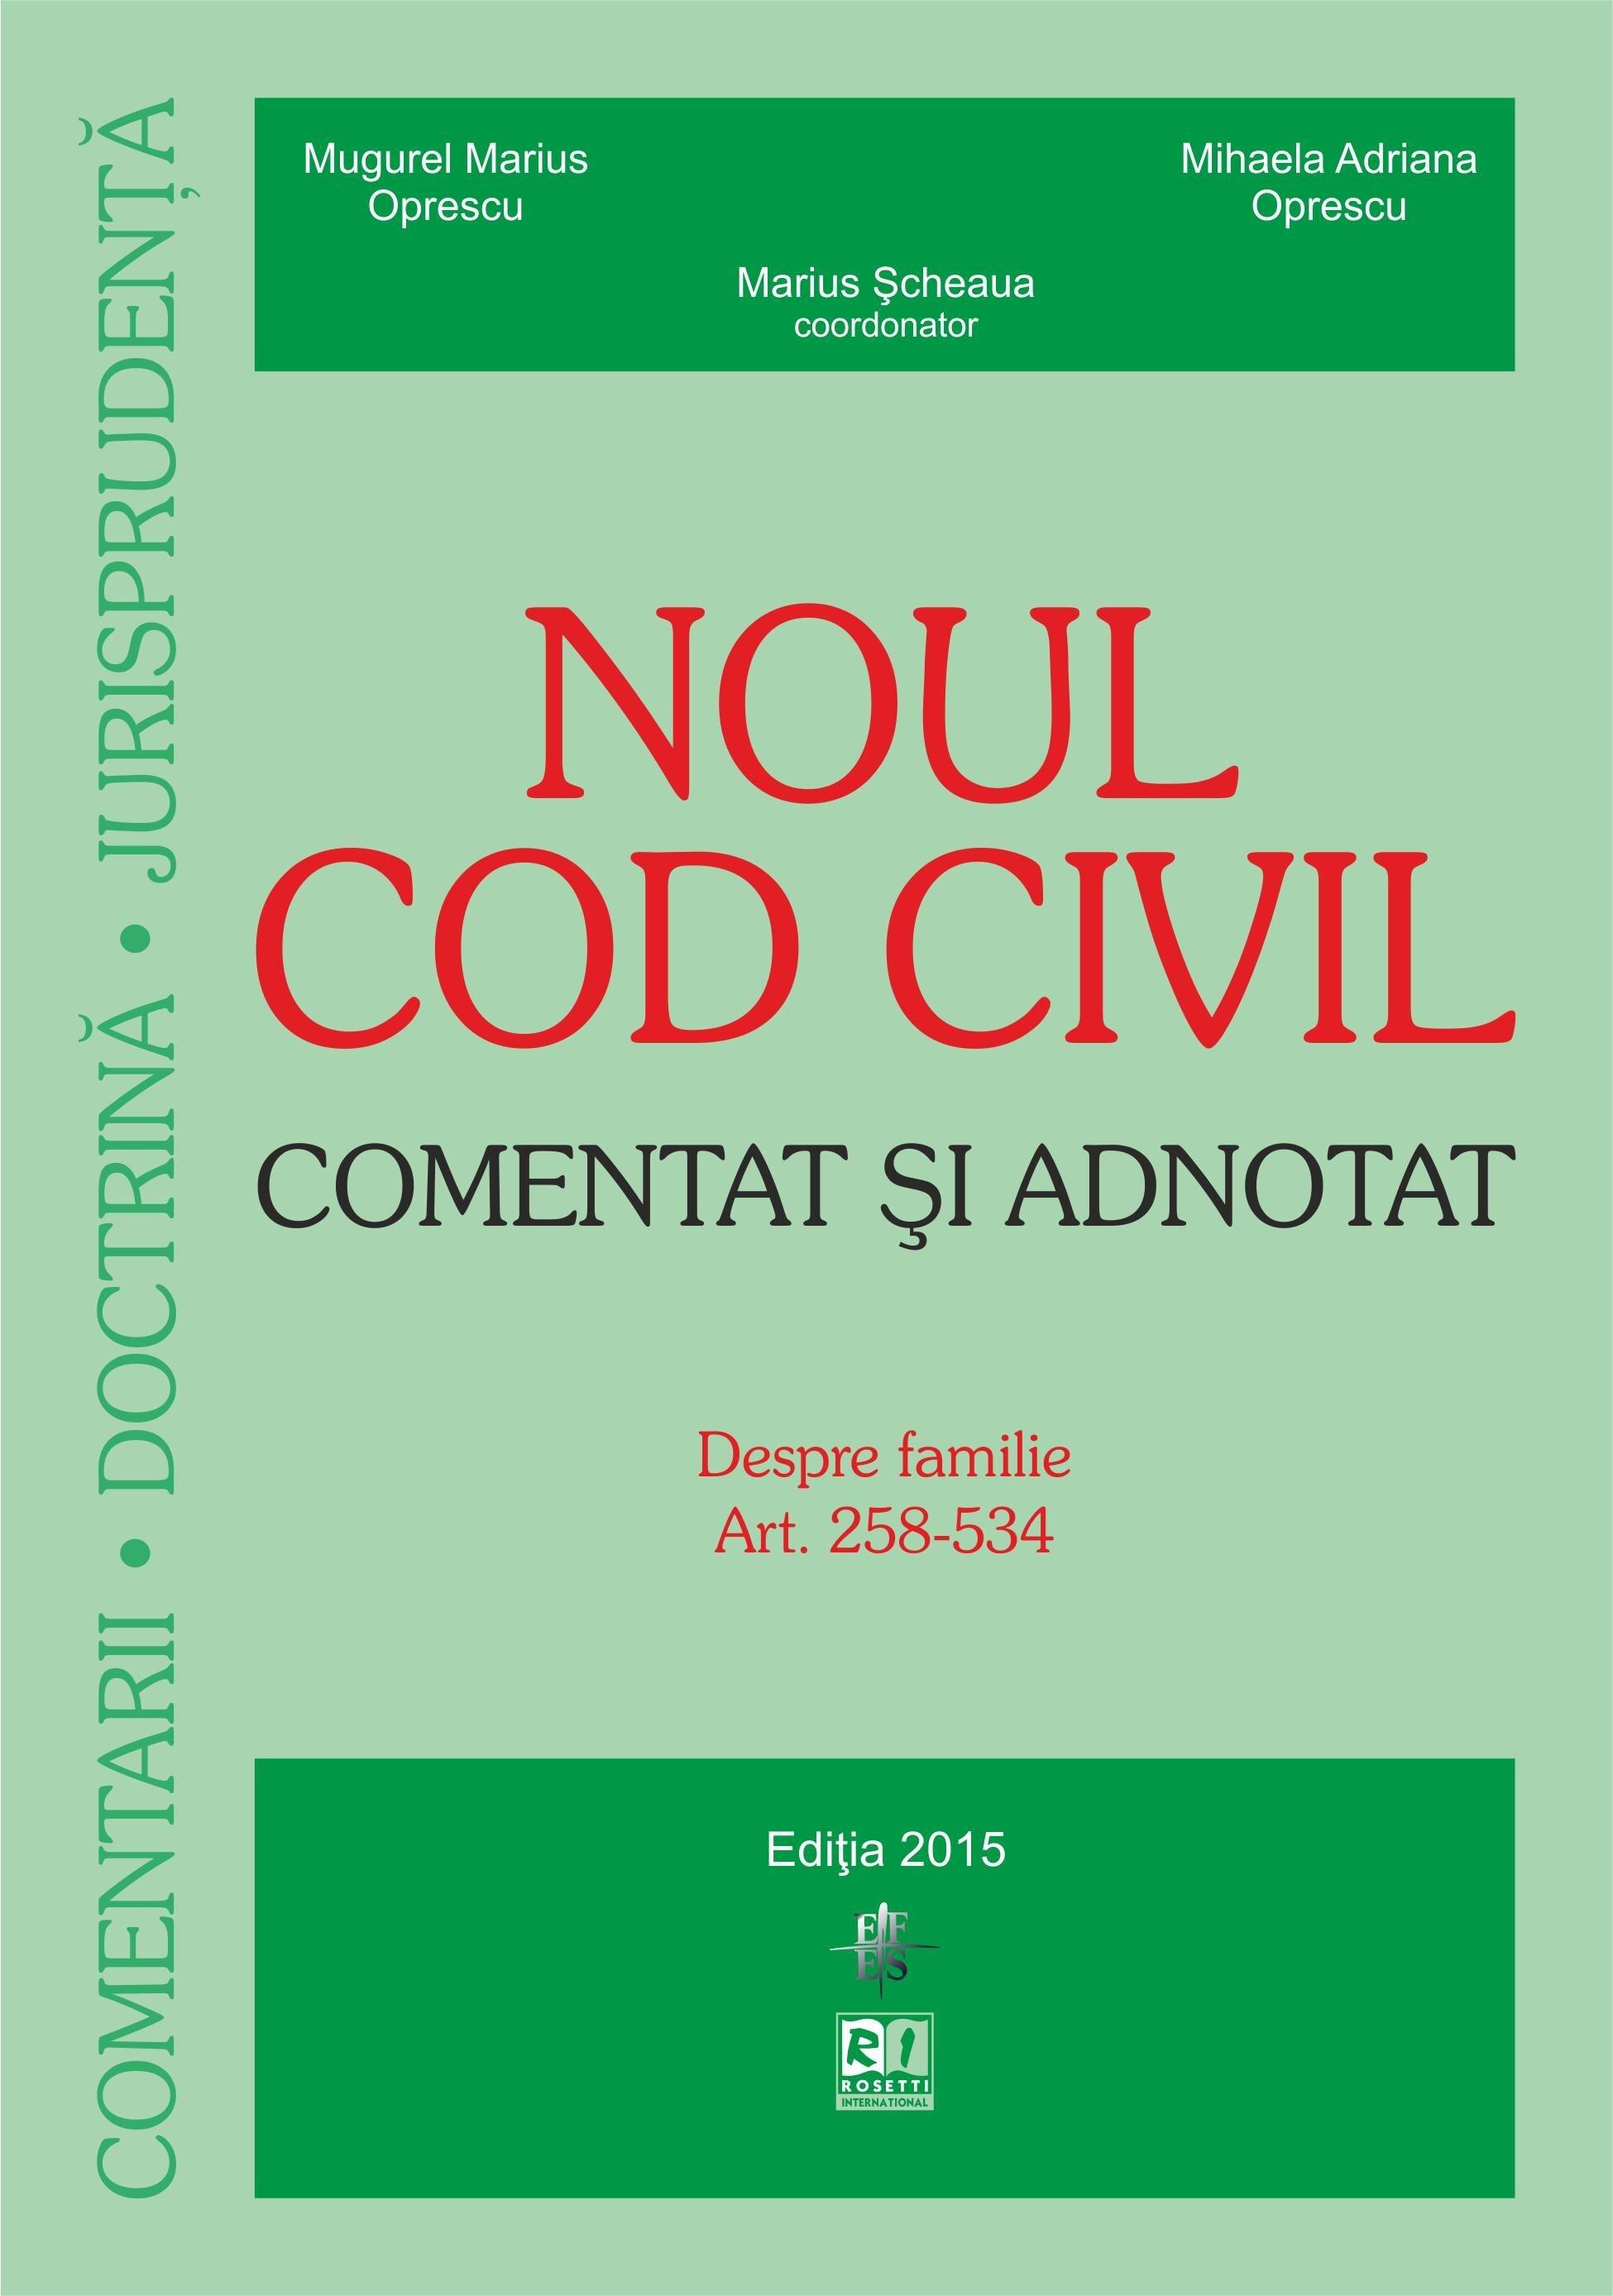 Noul cod civil. Despre familie - Comentat şi adnotat (2015-06-15)